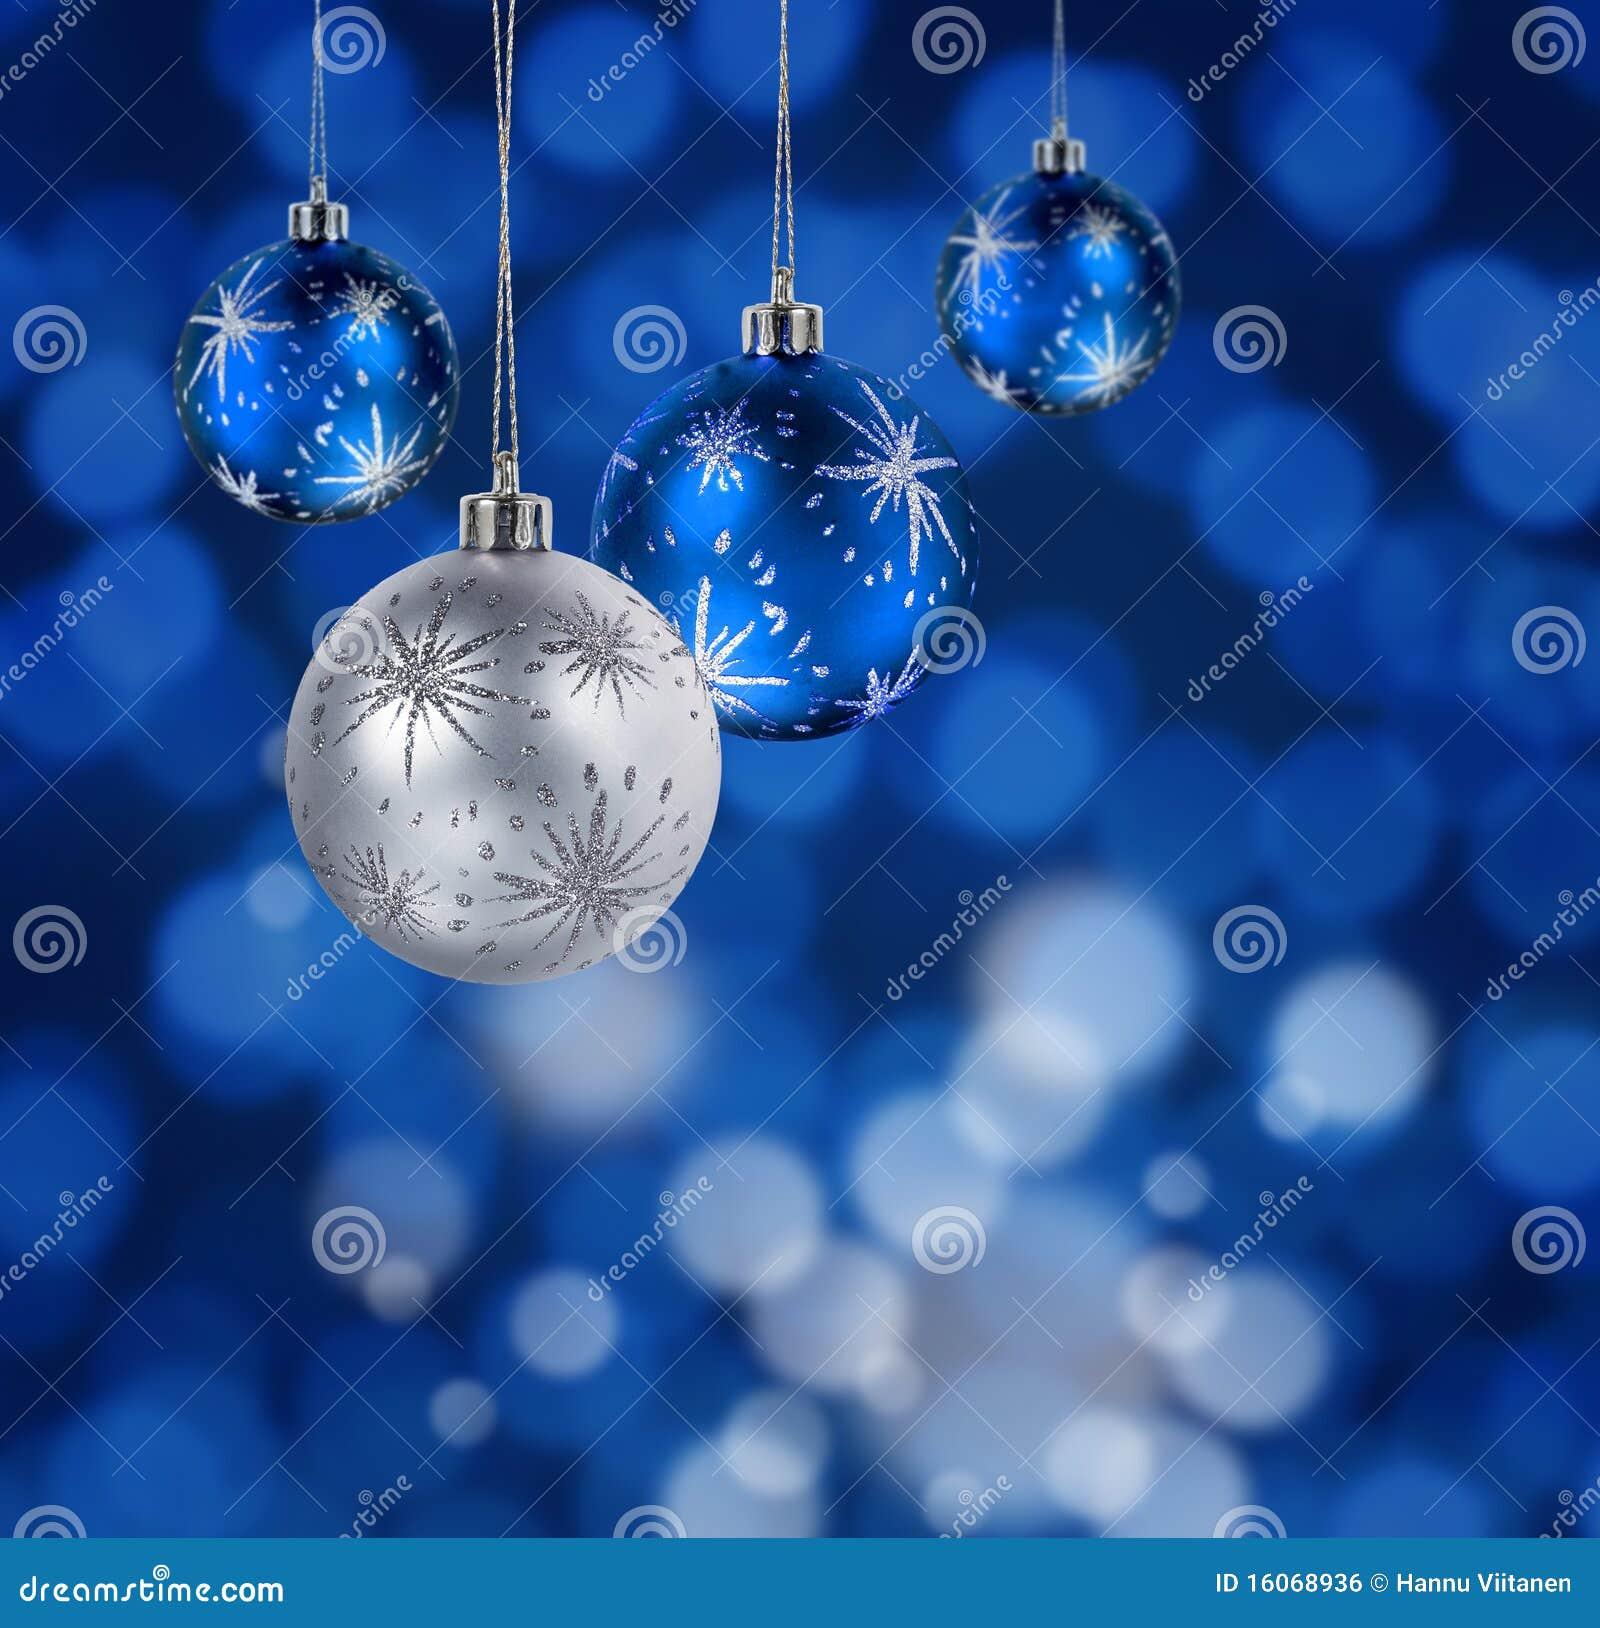 Blaue weihnachtskugeln stockfoto bild von winter h ngen - Bilder weihnachtskugeln ...